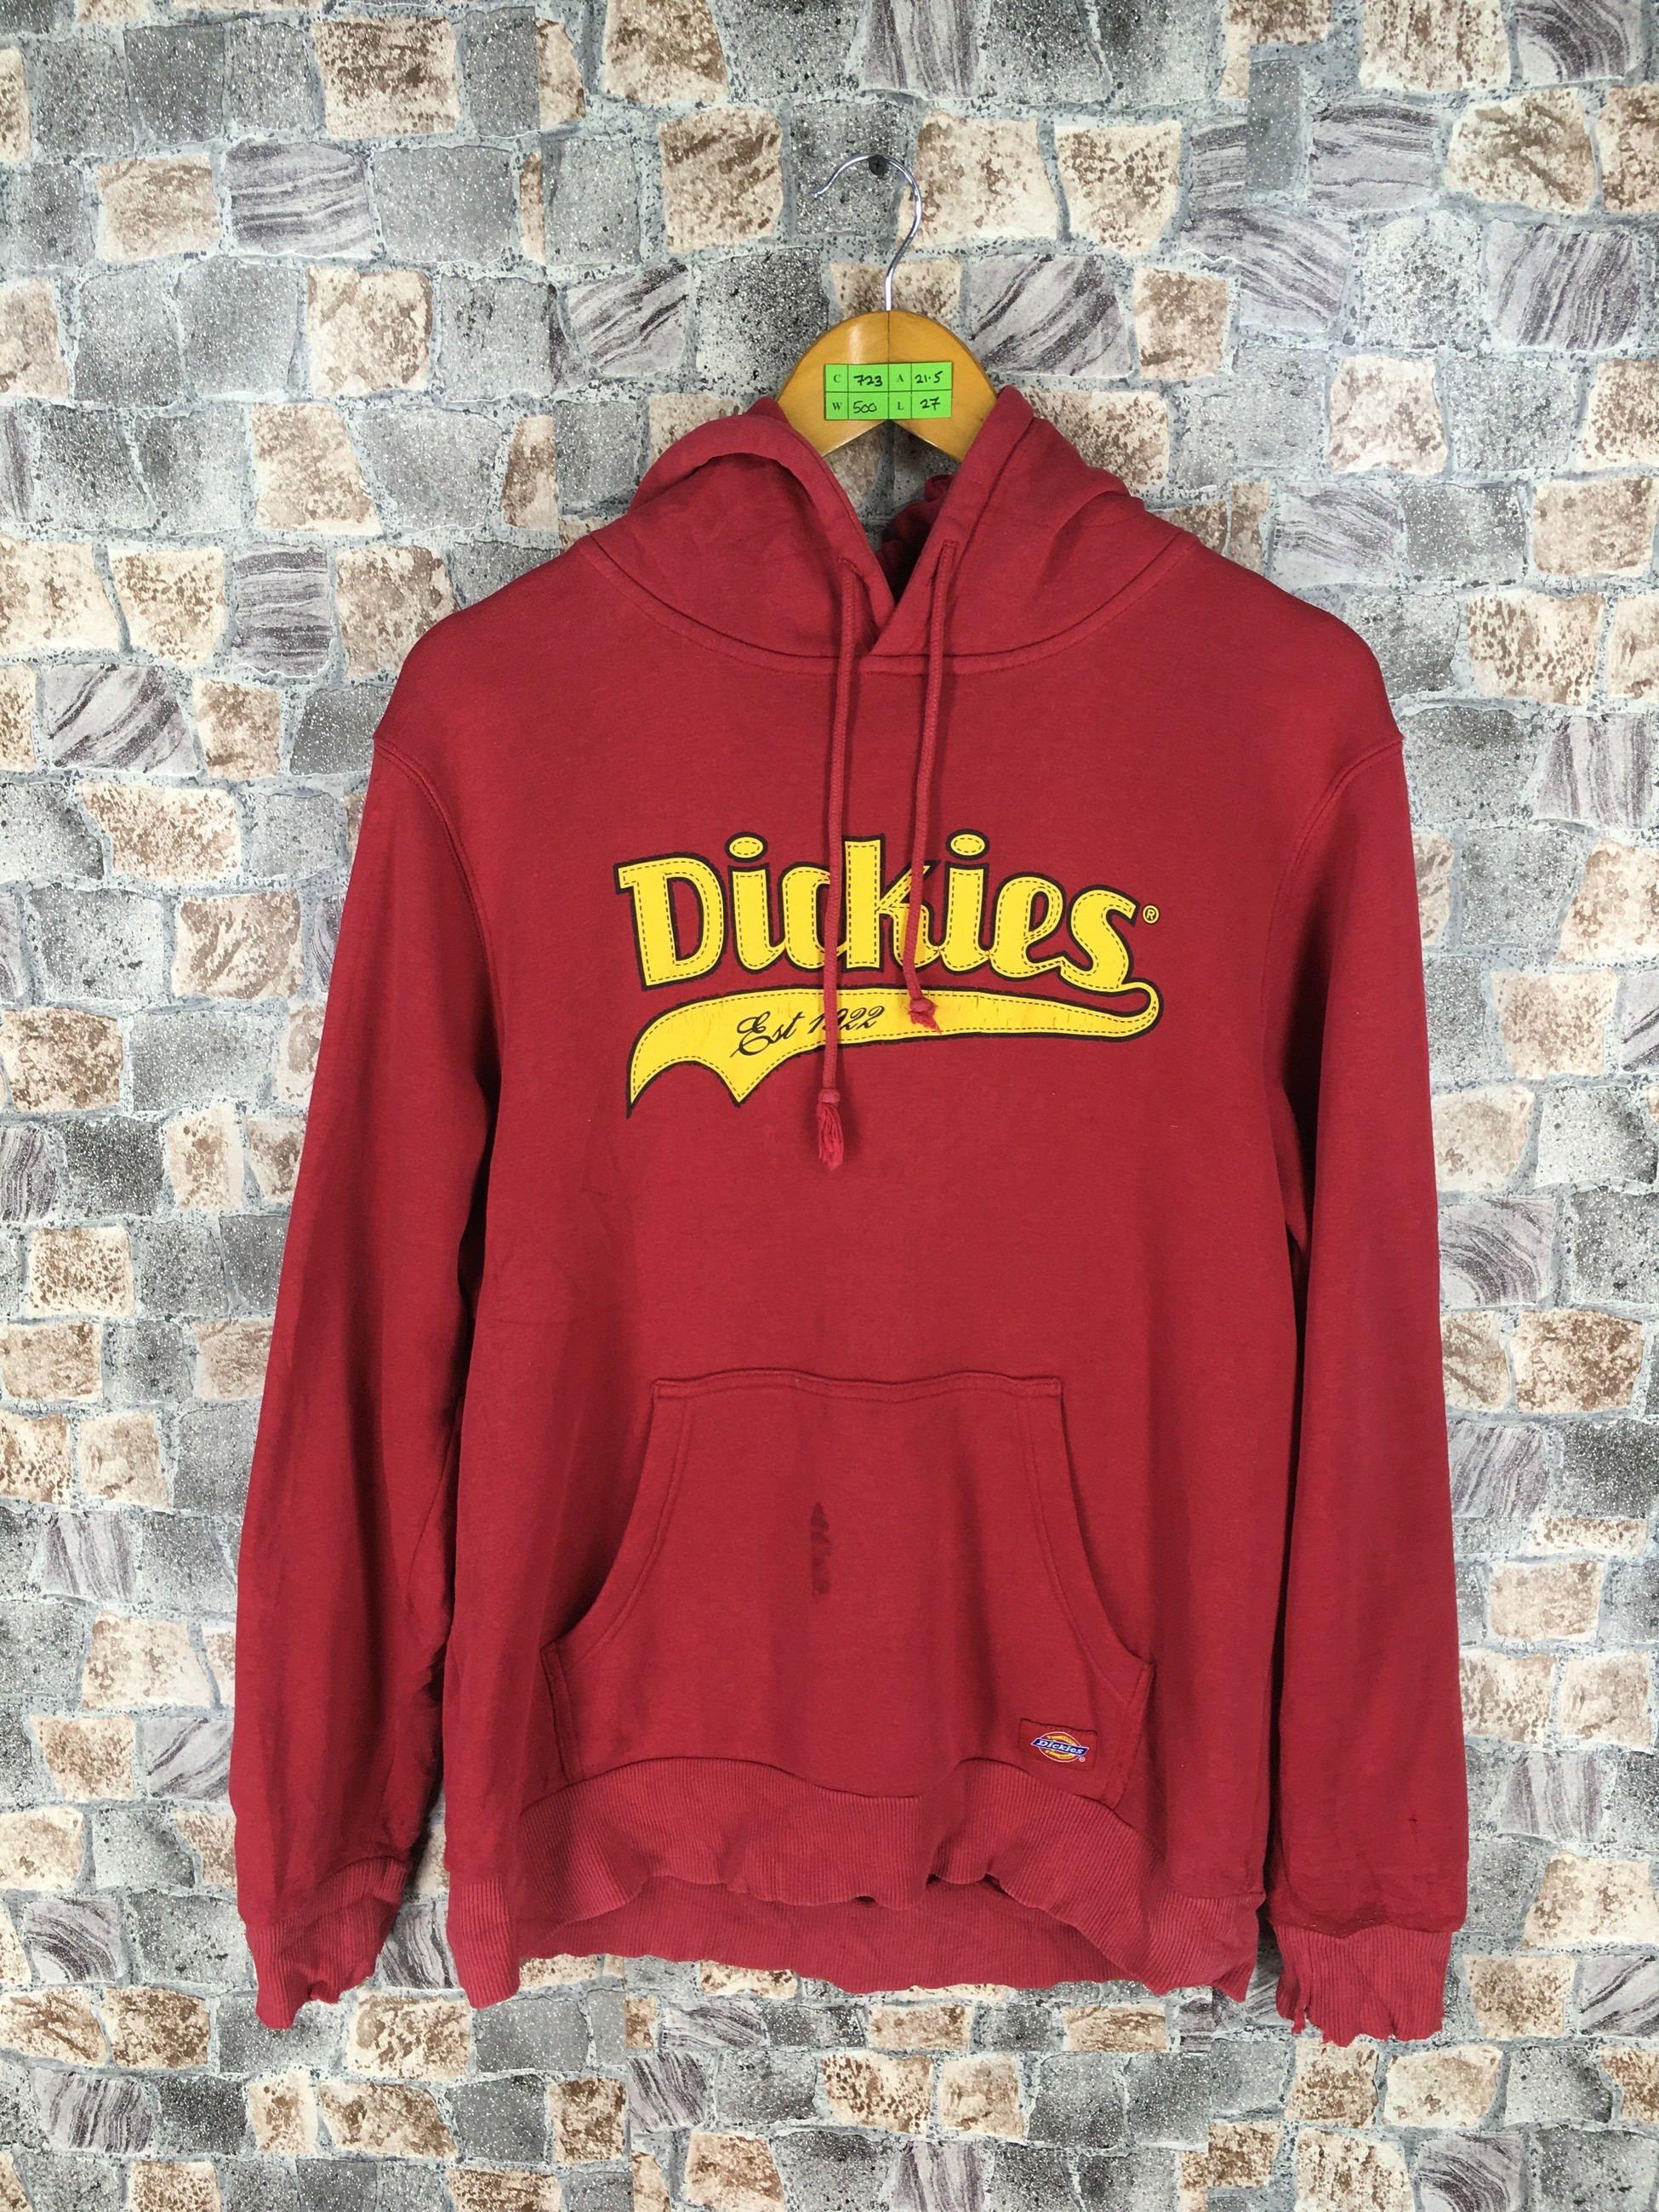 Clothing Hoodie Dickieshoodie Dickiesouterwear Dickiesred Dickiesjacket Vintagedickies Mensdickies Vintage Sportswear Sweatshirts Hoodie Adidas Casual